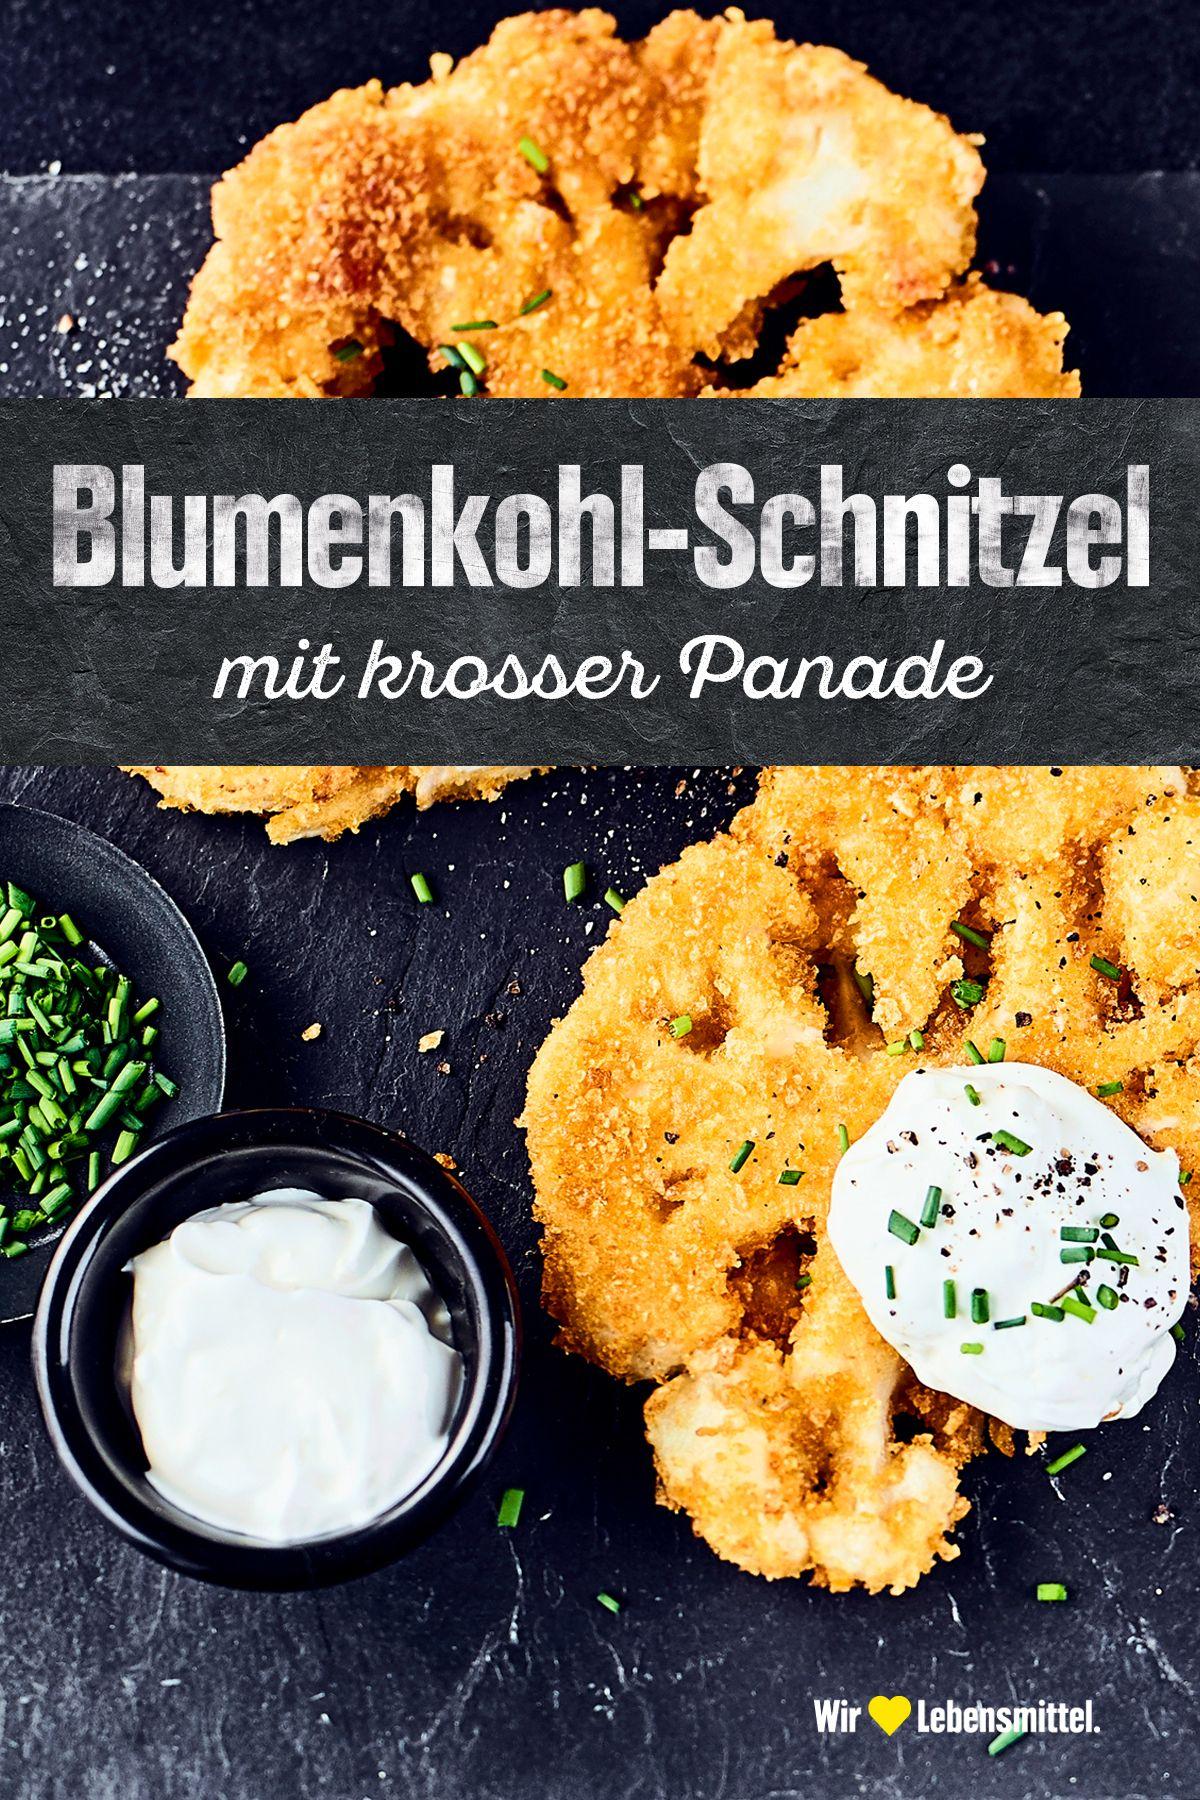 a4f6a0a4406ac90513463a9f5043c2af - Landfrauen Plã Tzchen Rezepte